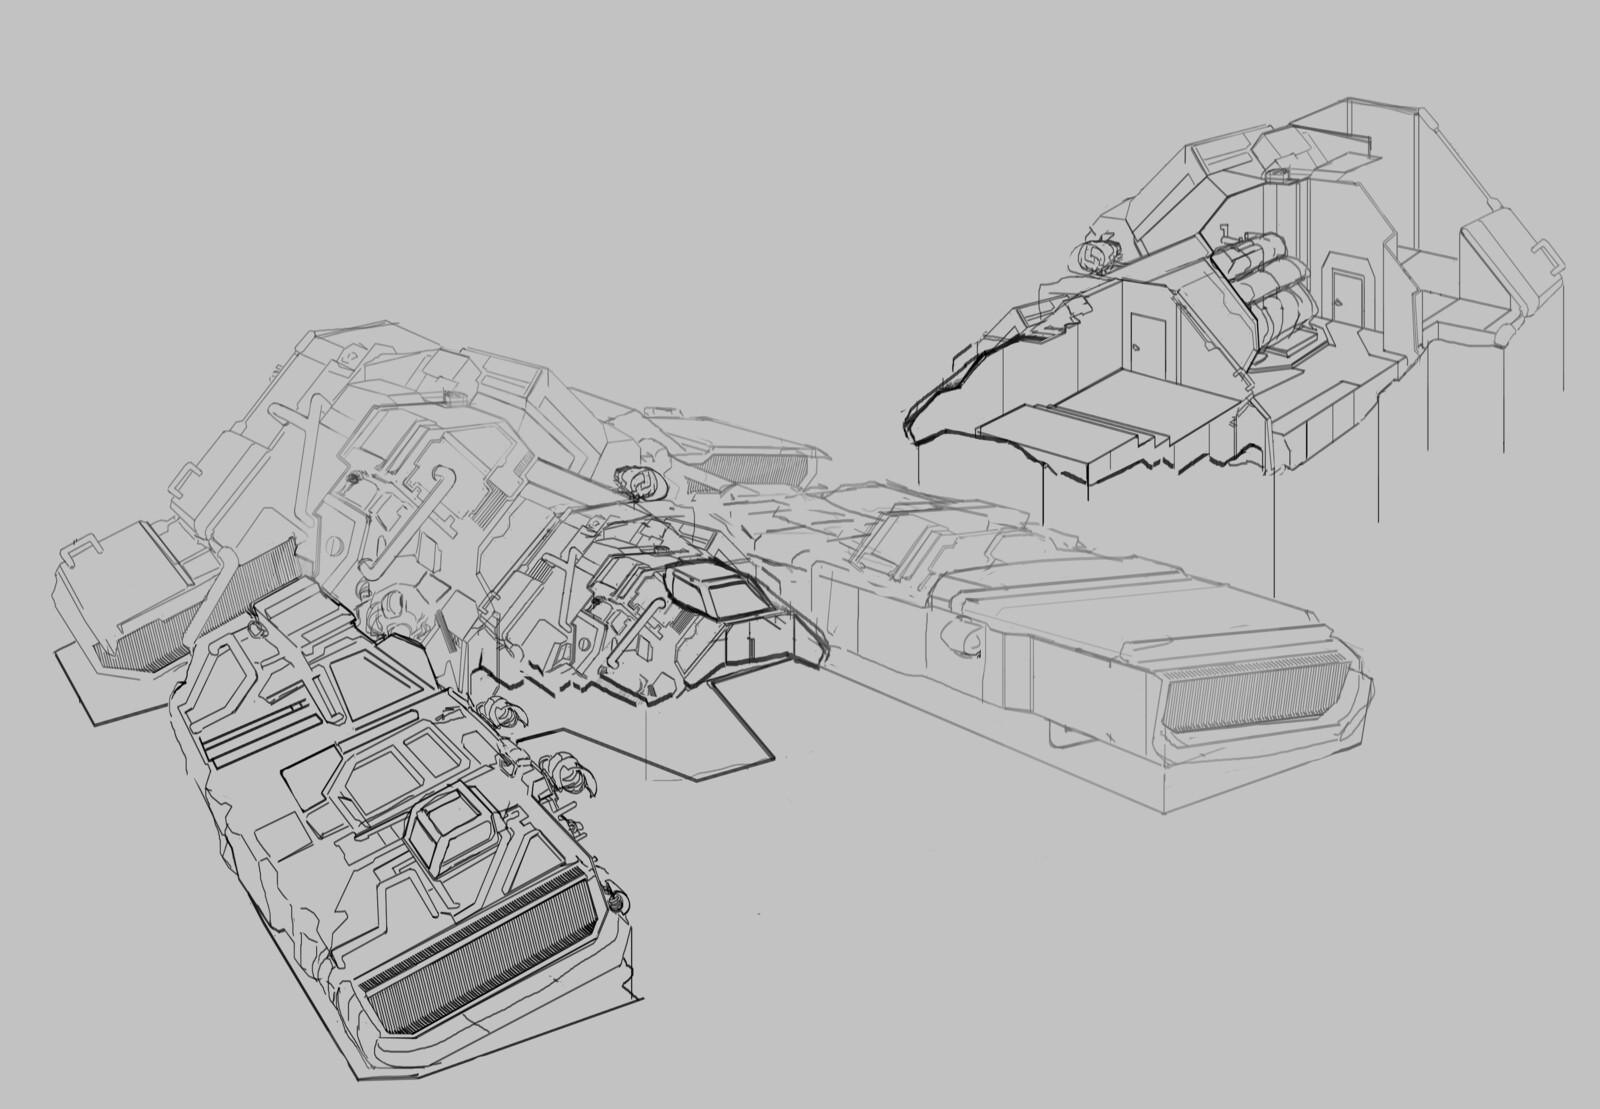 Industrial spaceship sketch